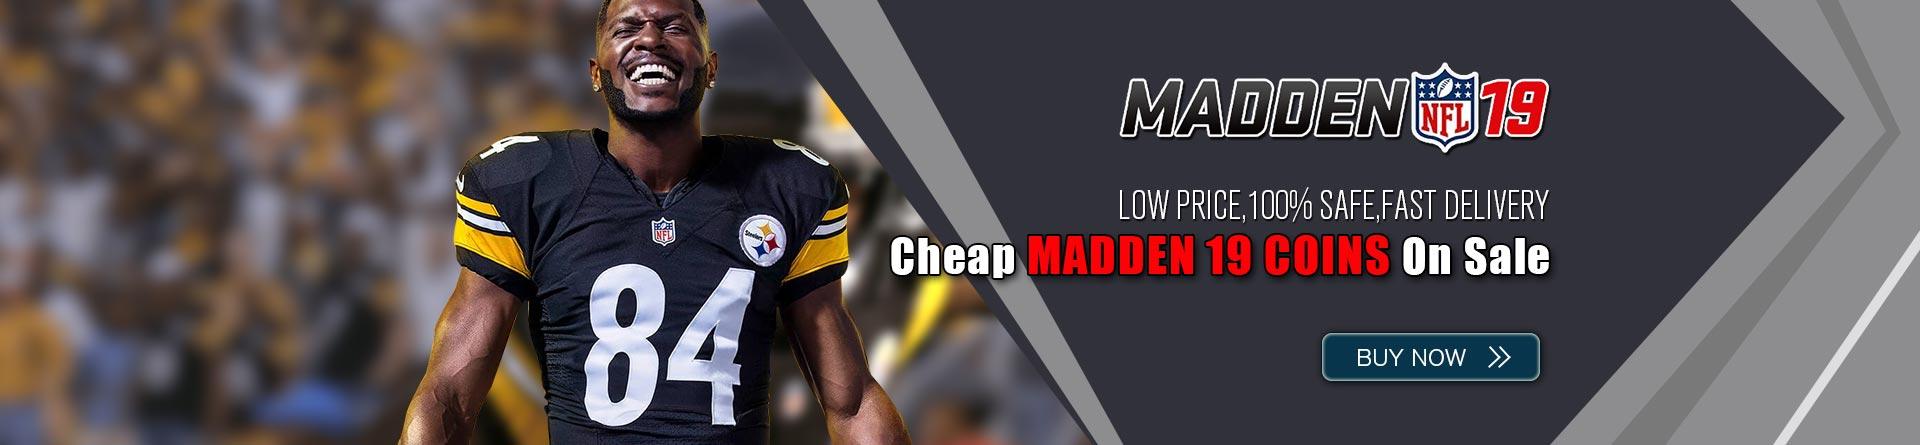 Cheap Madden 19 Coins